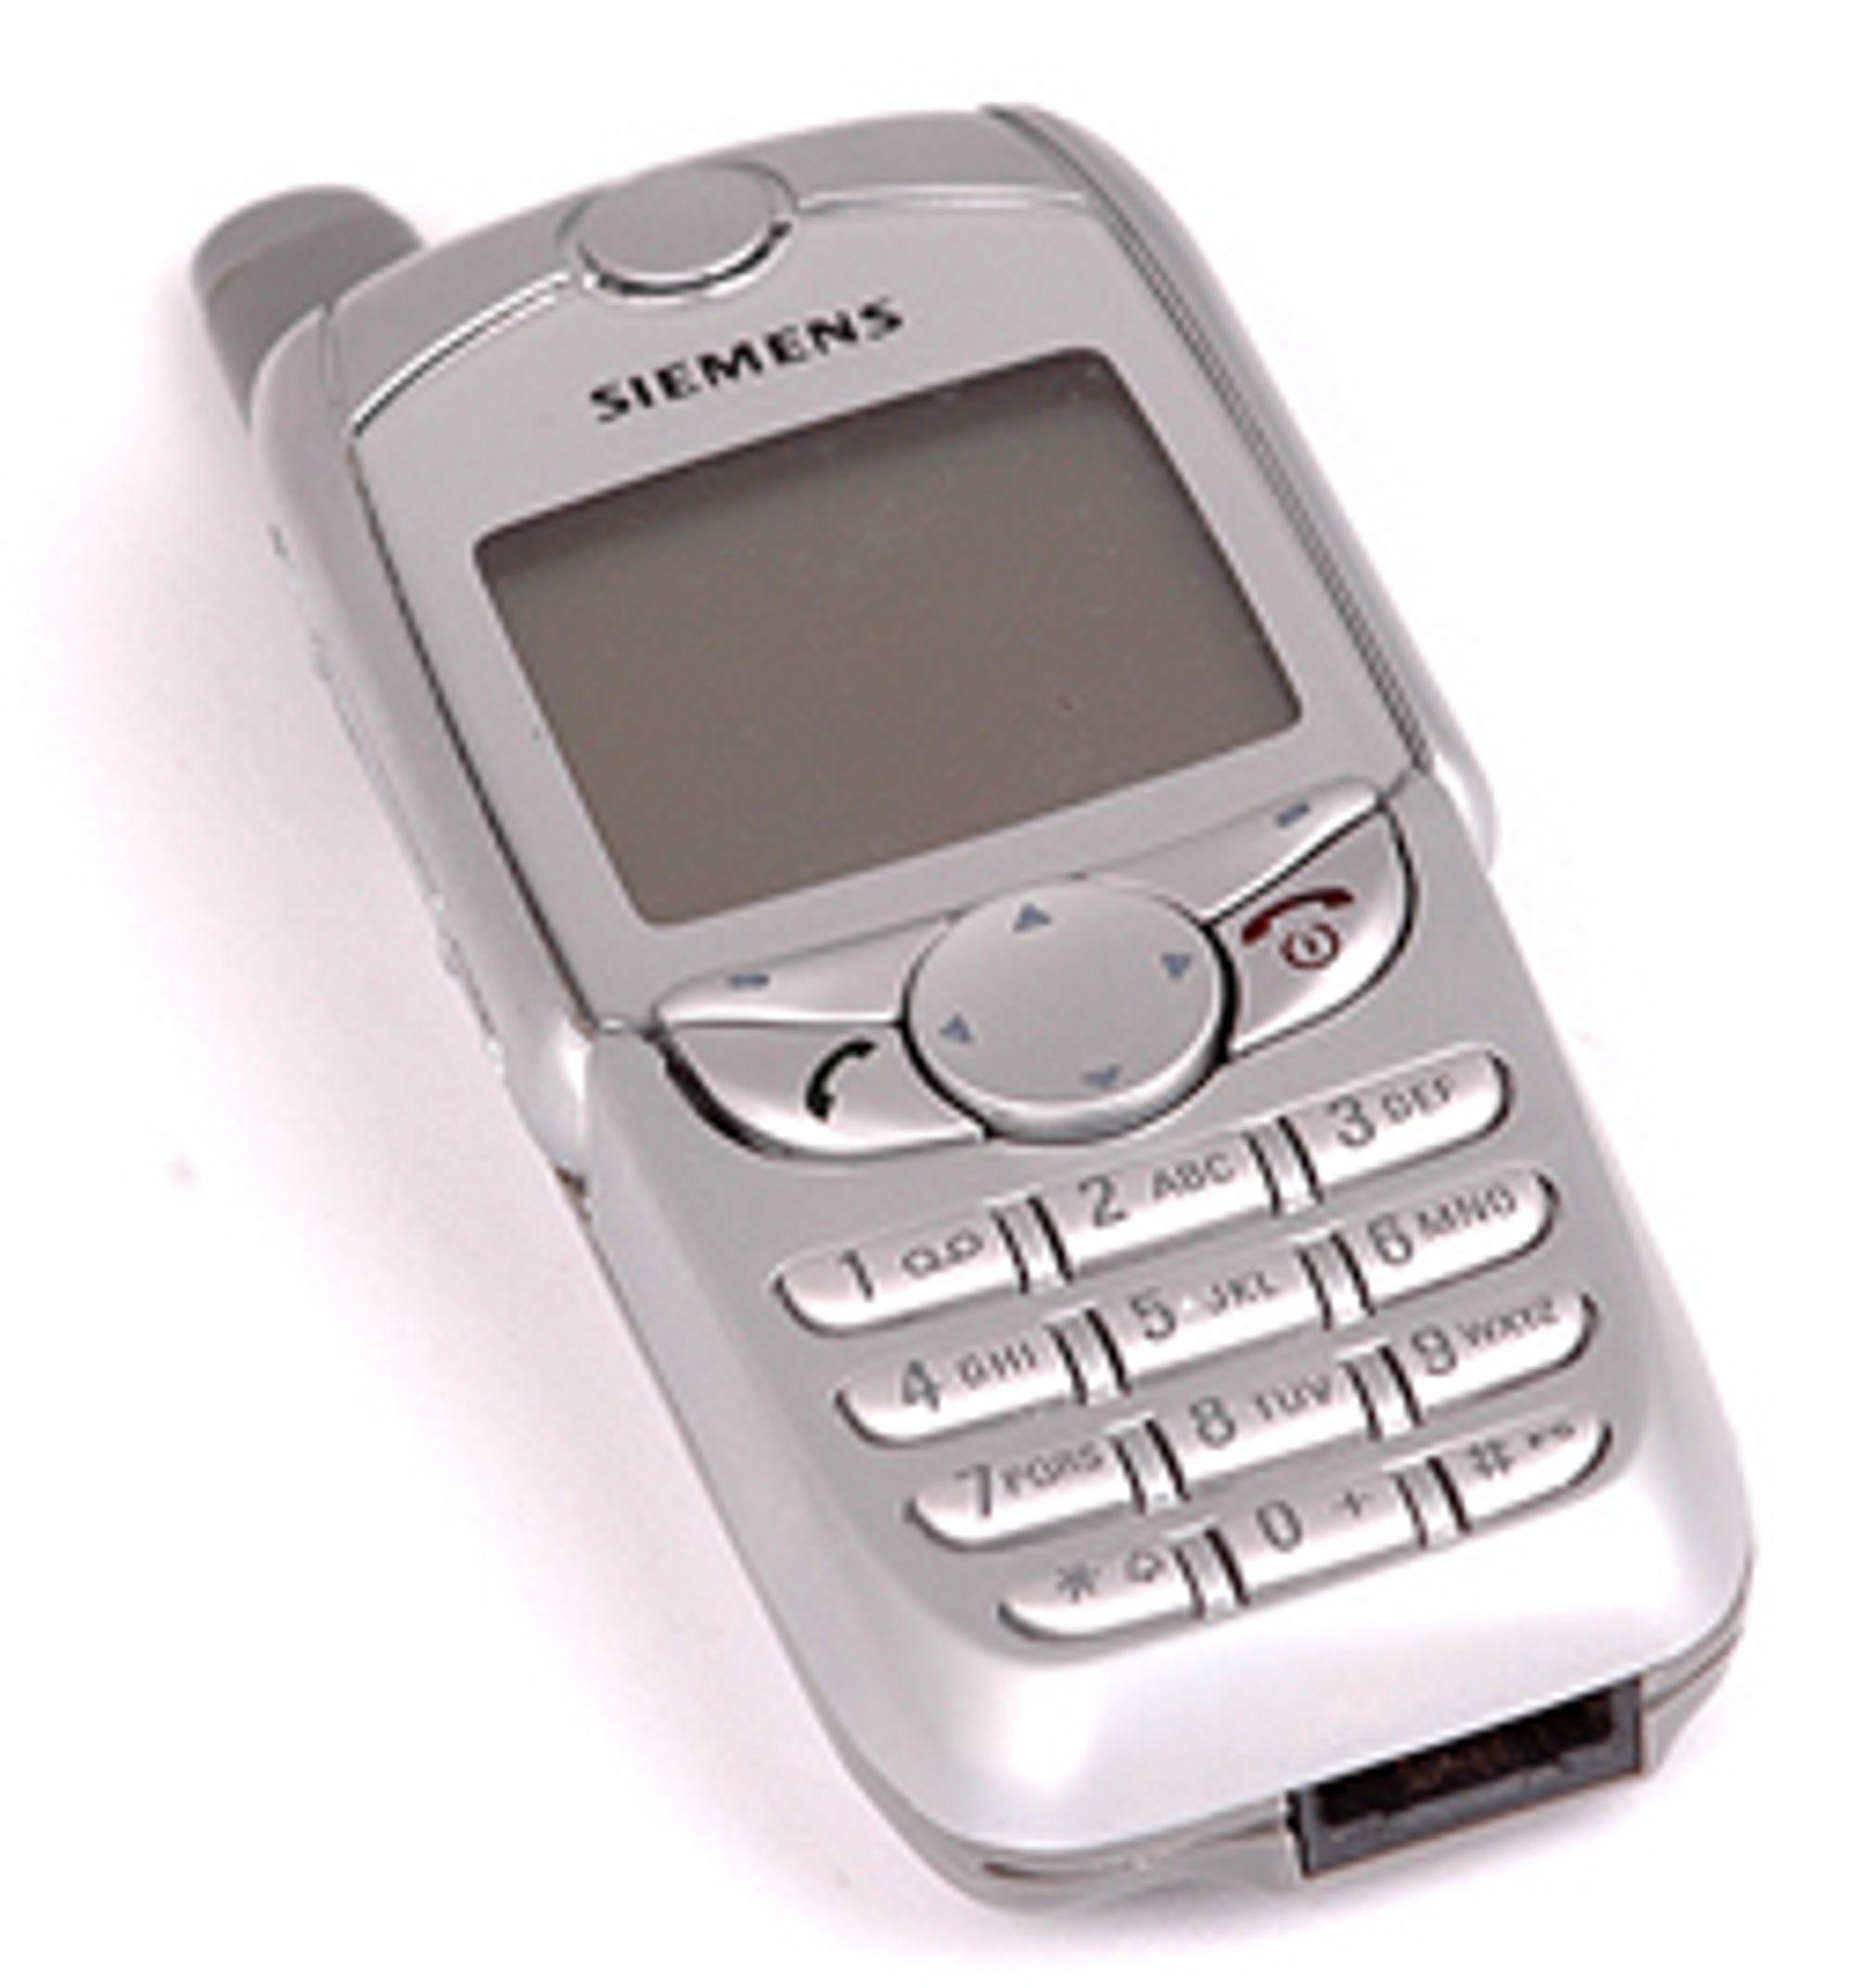 Denne telefonen var, i objektivitetens navn, helt fantastisk.